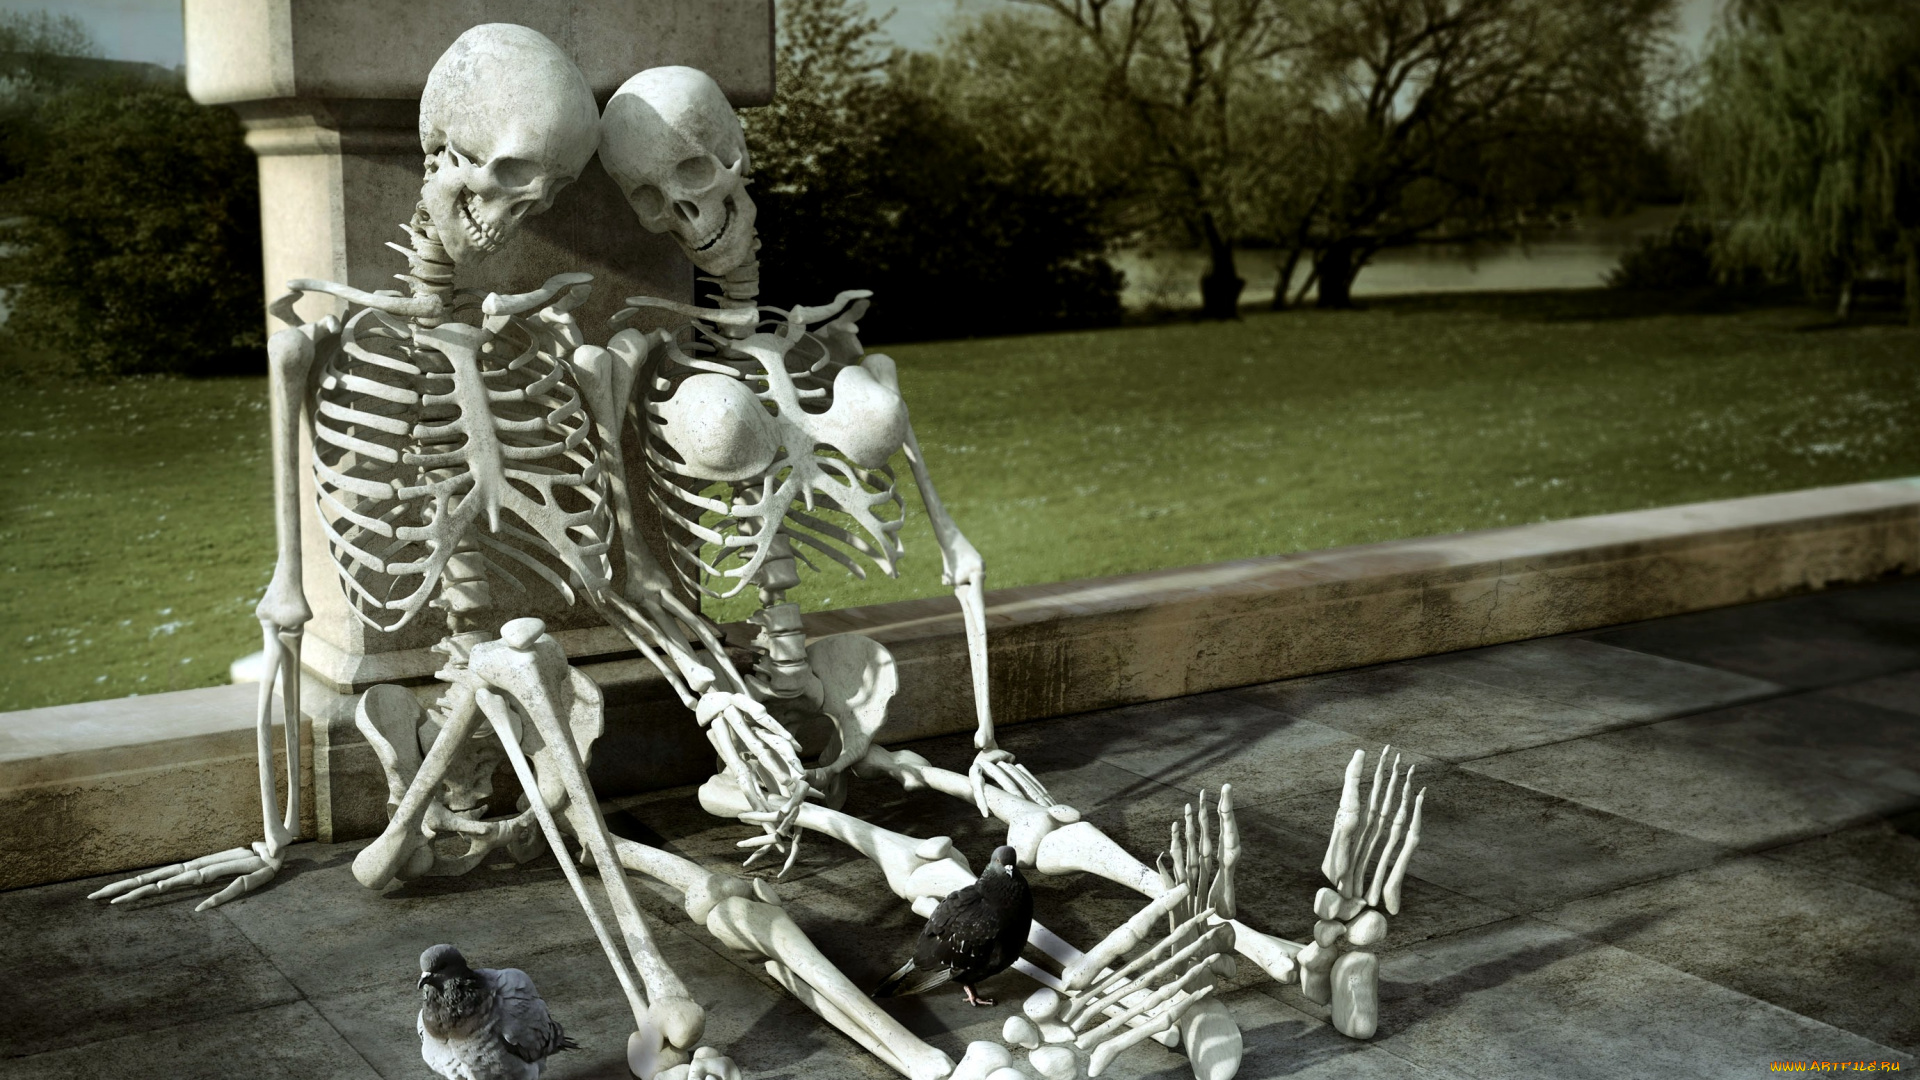 Смешные картинки со скелетами, работу картинки